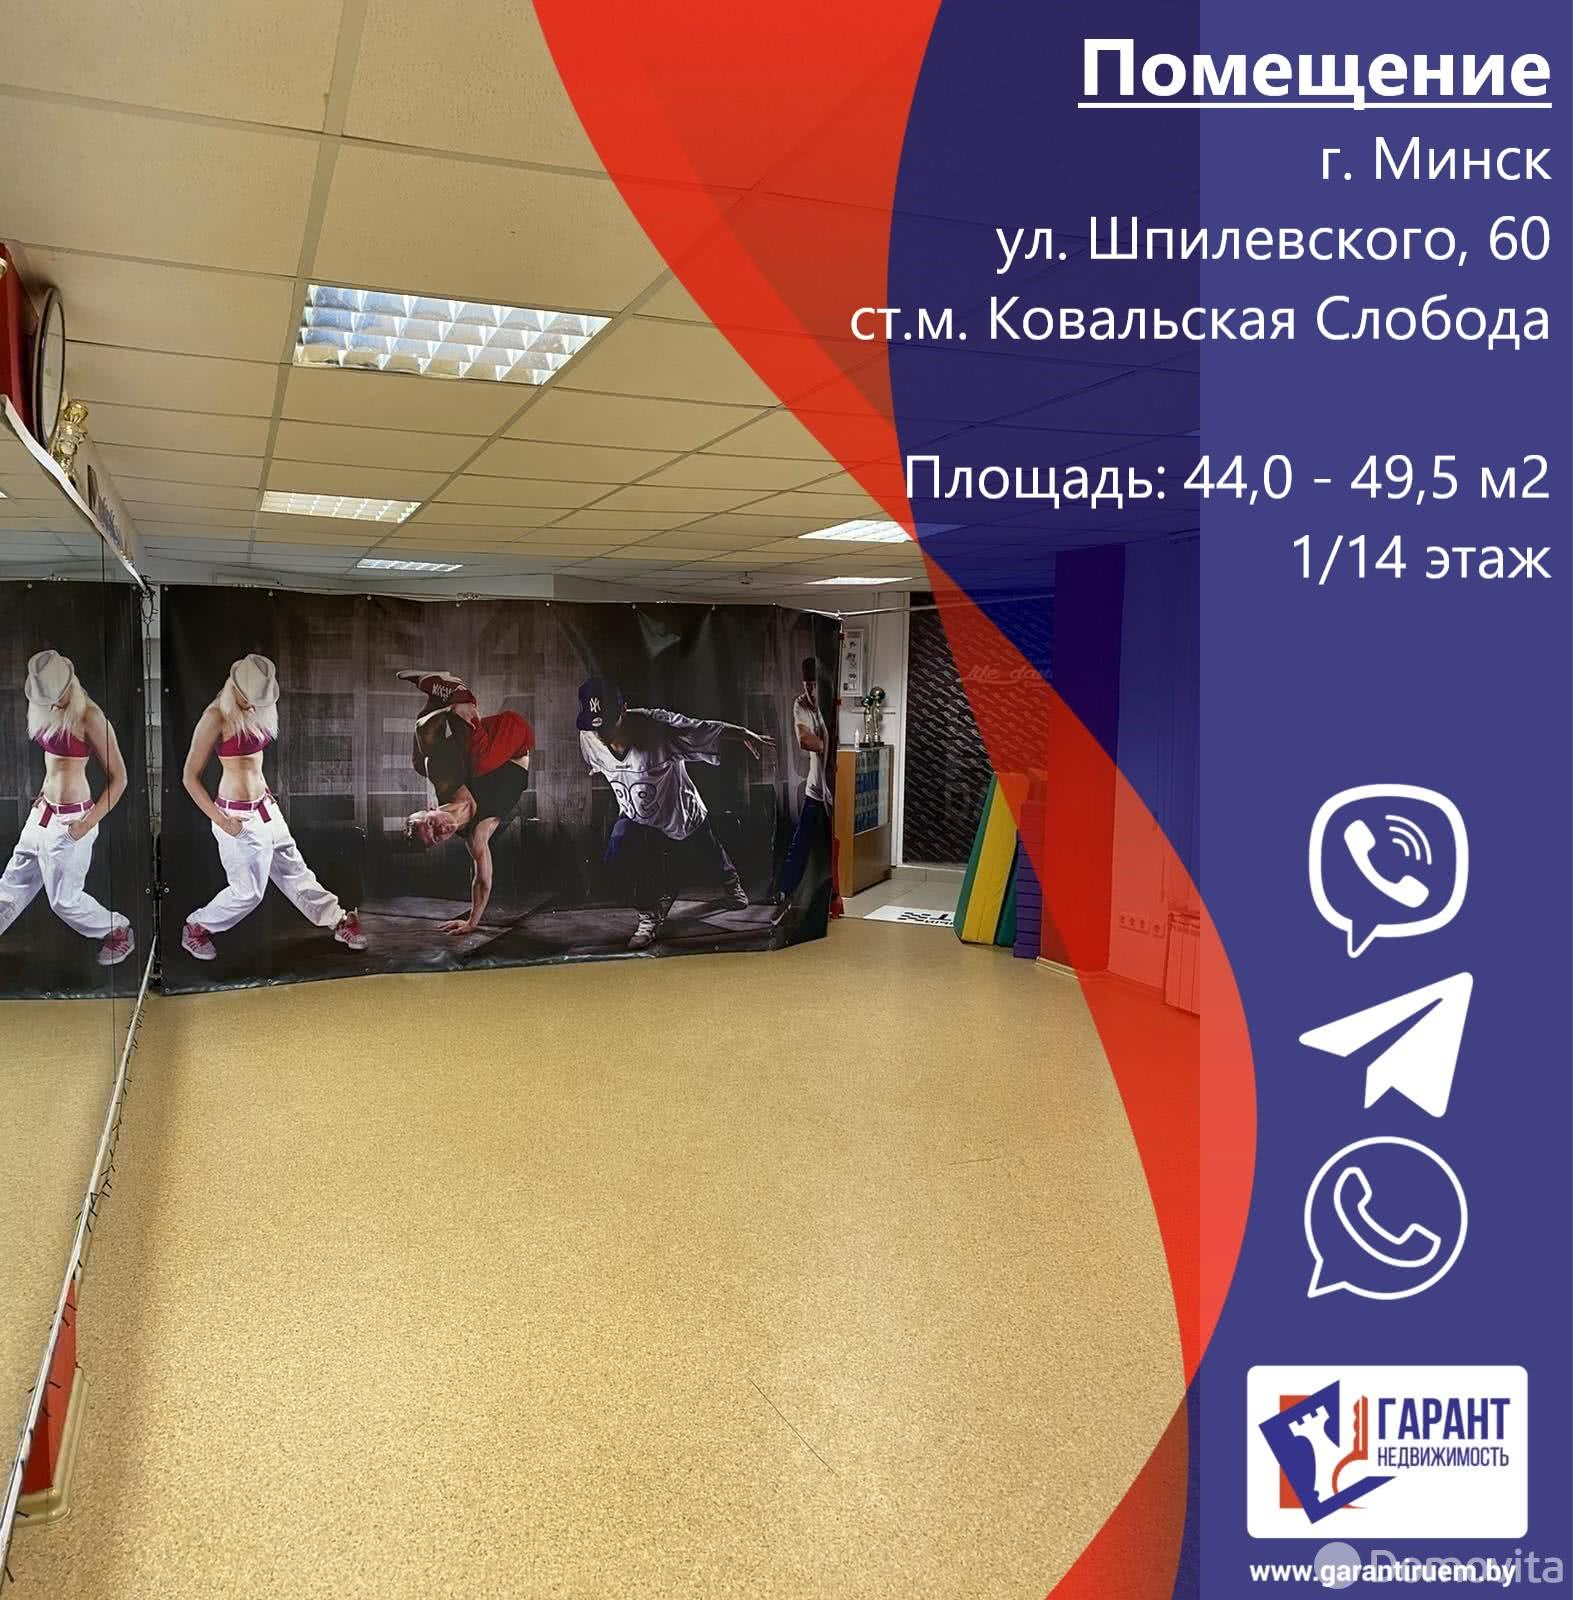 Купить помещение под сферу услуг в Минске, ул. Павла Шпилевского, д. 60 - фото 1